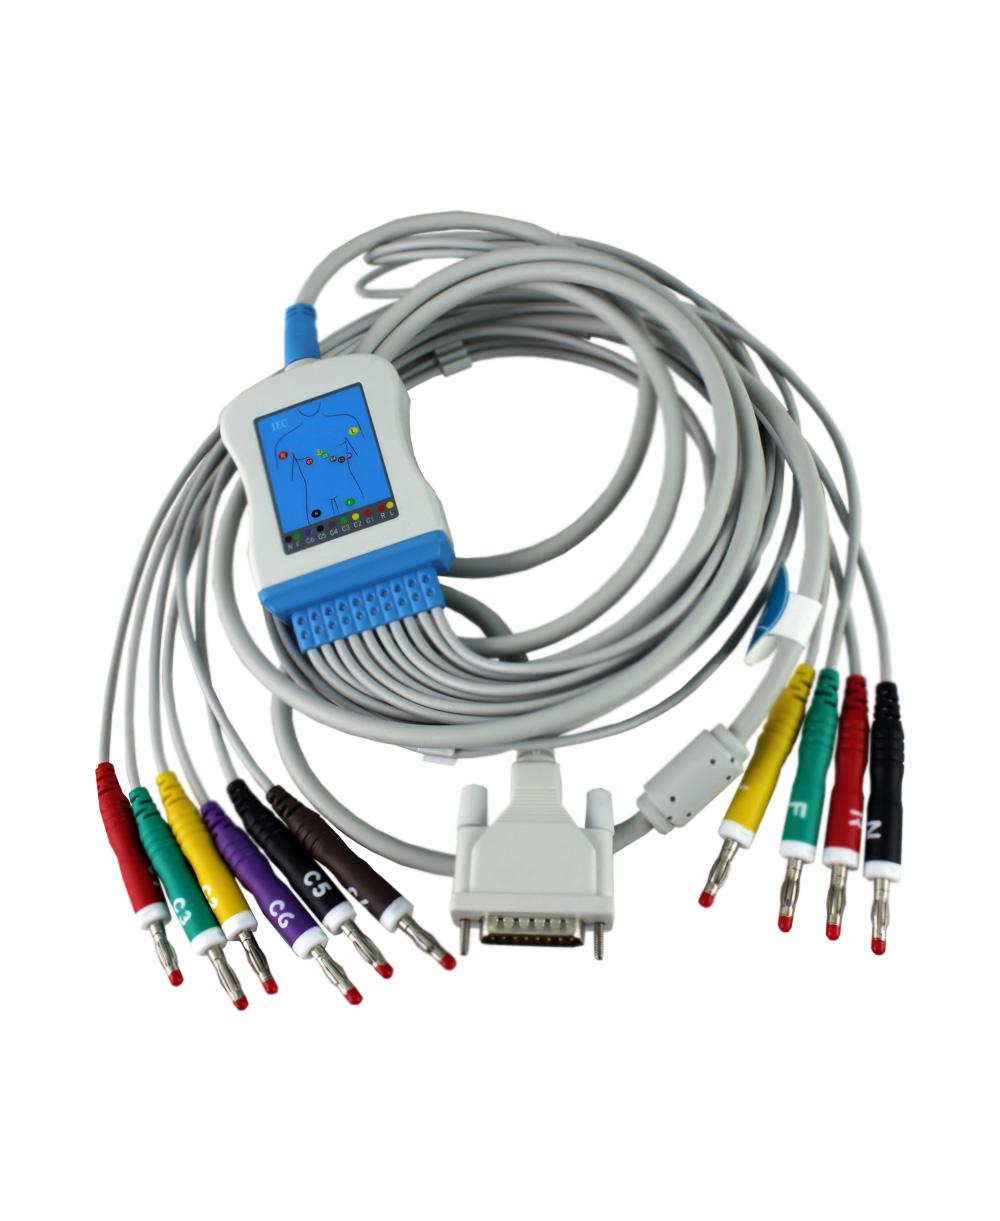 Cavo Paziente 10 Terminali  per Esaote P80, P8000, P80 Six, P8000 Power